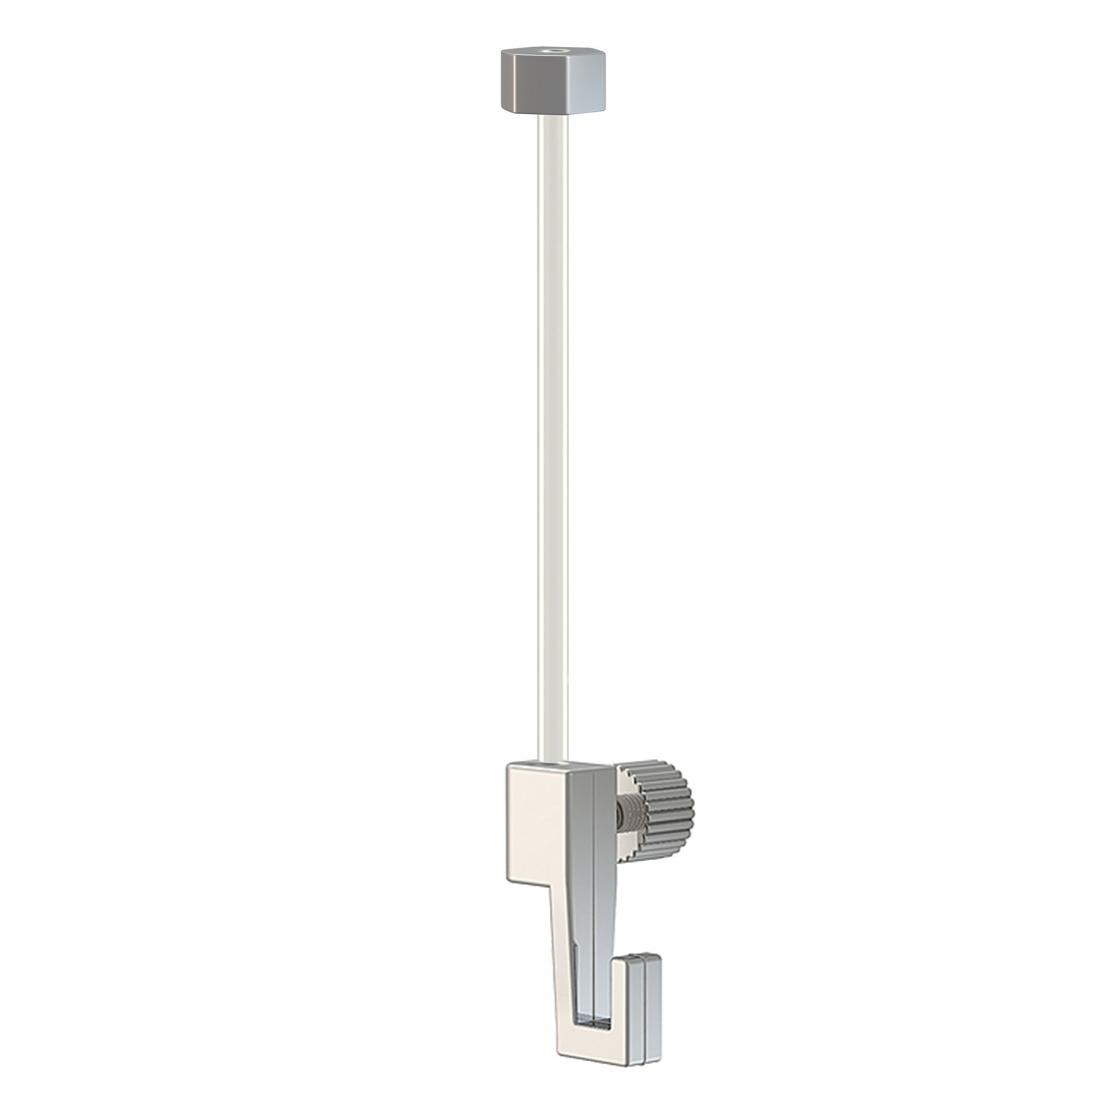 Kit cable con gancho para colgar cuadros artiteq